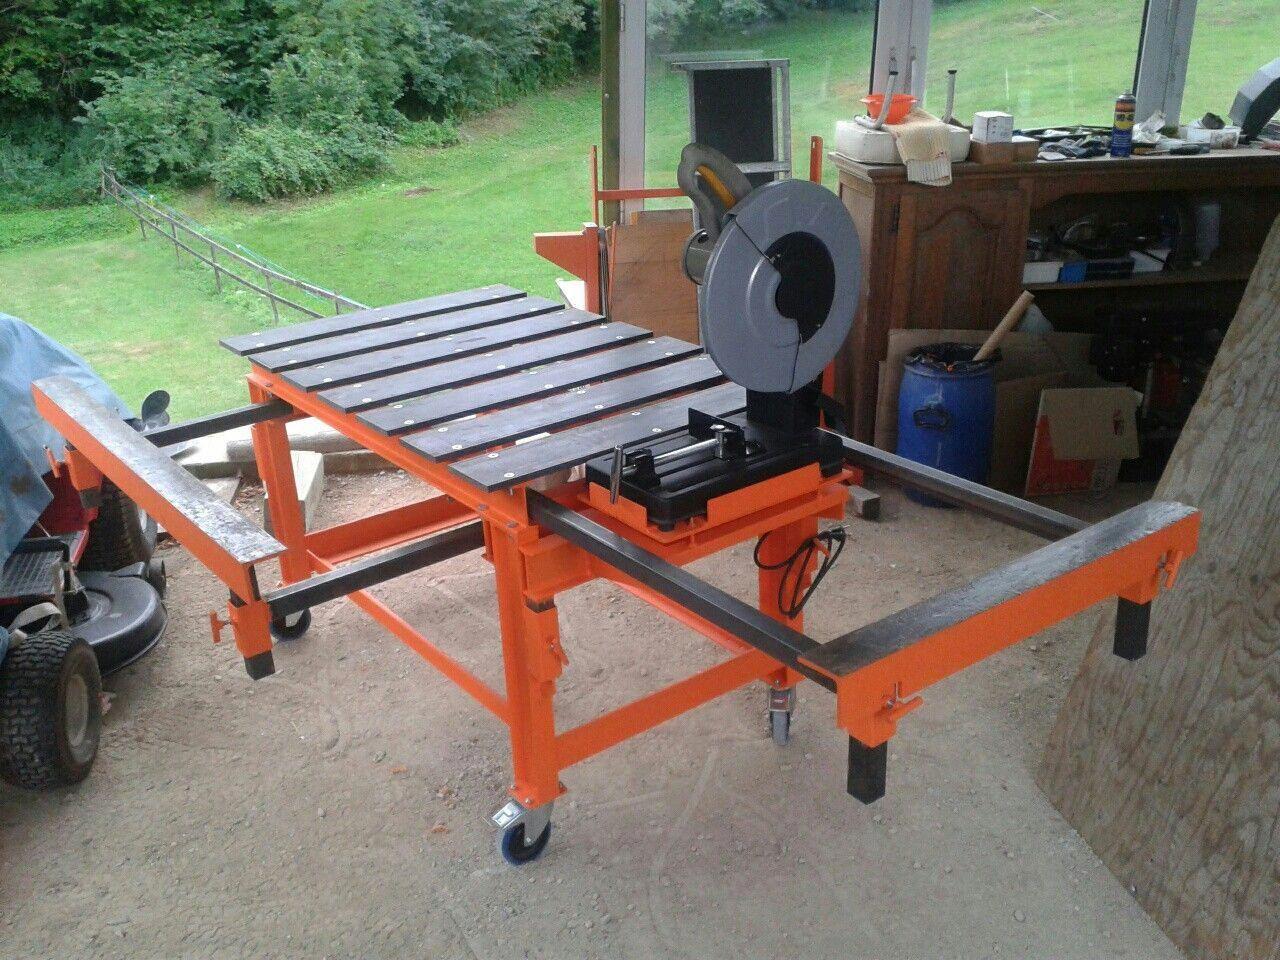 Welding cart table weldingt able welding table welding